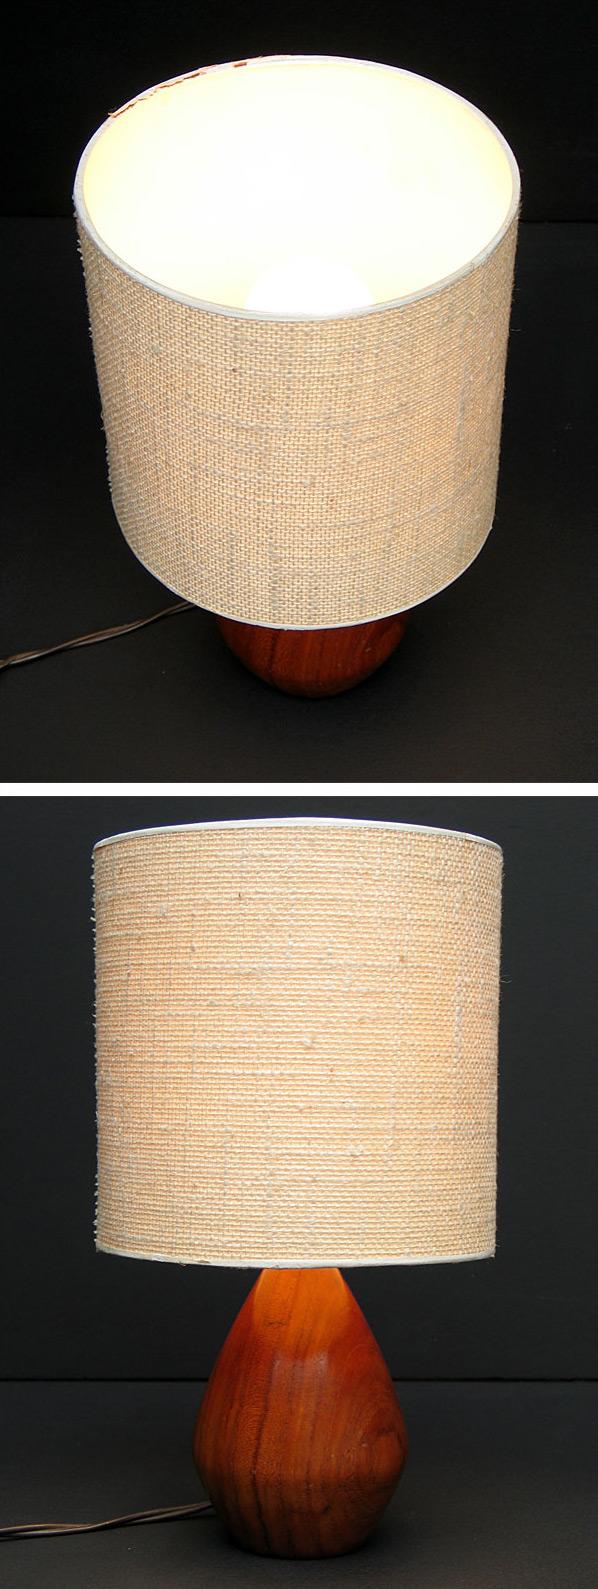 Danish Modern wooden Kagan table lamp eames era Large